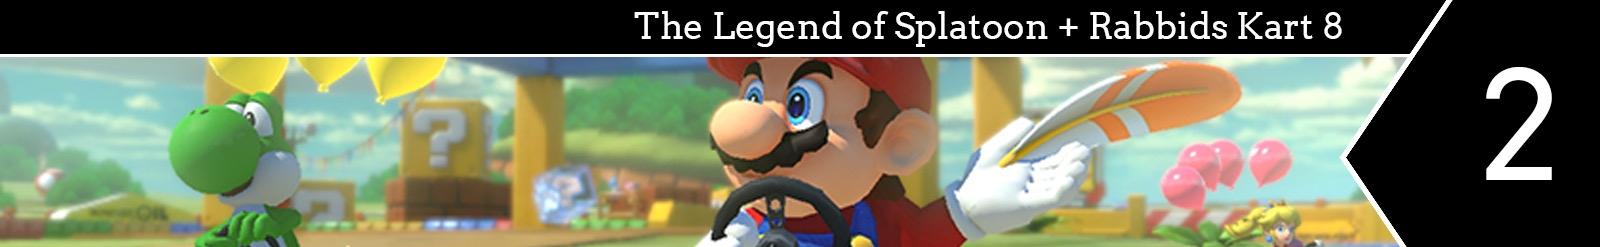 2_The_Legend_of_Splatoon-Rabbids_Kart8